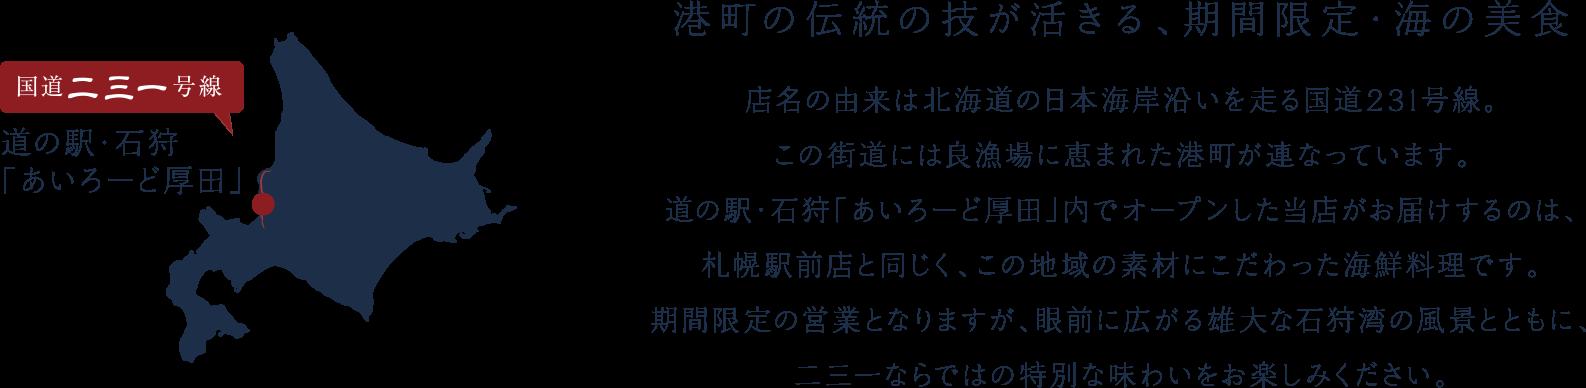 港町の伝統の技が活きる、期間限定・海の美食。                                            店名の由来は北海道の日本海岸沿いを走る国道231号線。                                             この街道には良漁場に恵まれた港町が連なっています。                                             道の駅・石狩「あいろーど厚田」内でオープンした当店がお届けするのは、                                             札幌駅前店と同じく、この地域の素材にこだわった海鮮料理です。                                             期間限定の営業となりますが、眼前に広がる雄大な石狩湾の風景とともに、                                             二三一ならではの特別な味わいをお楽しみください。